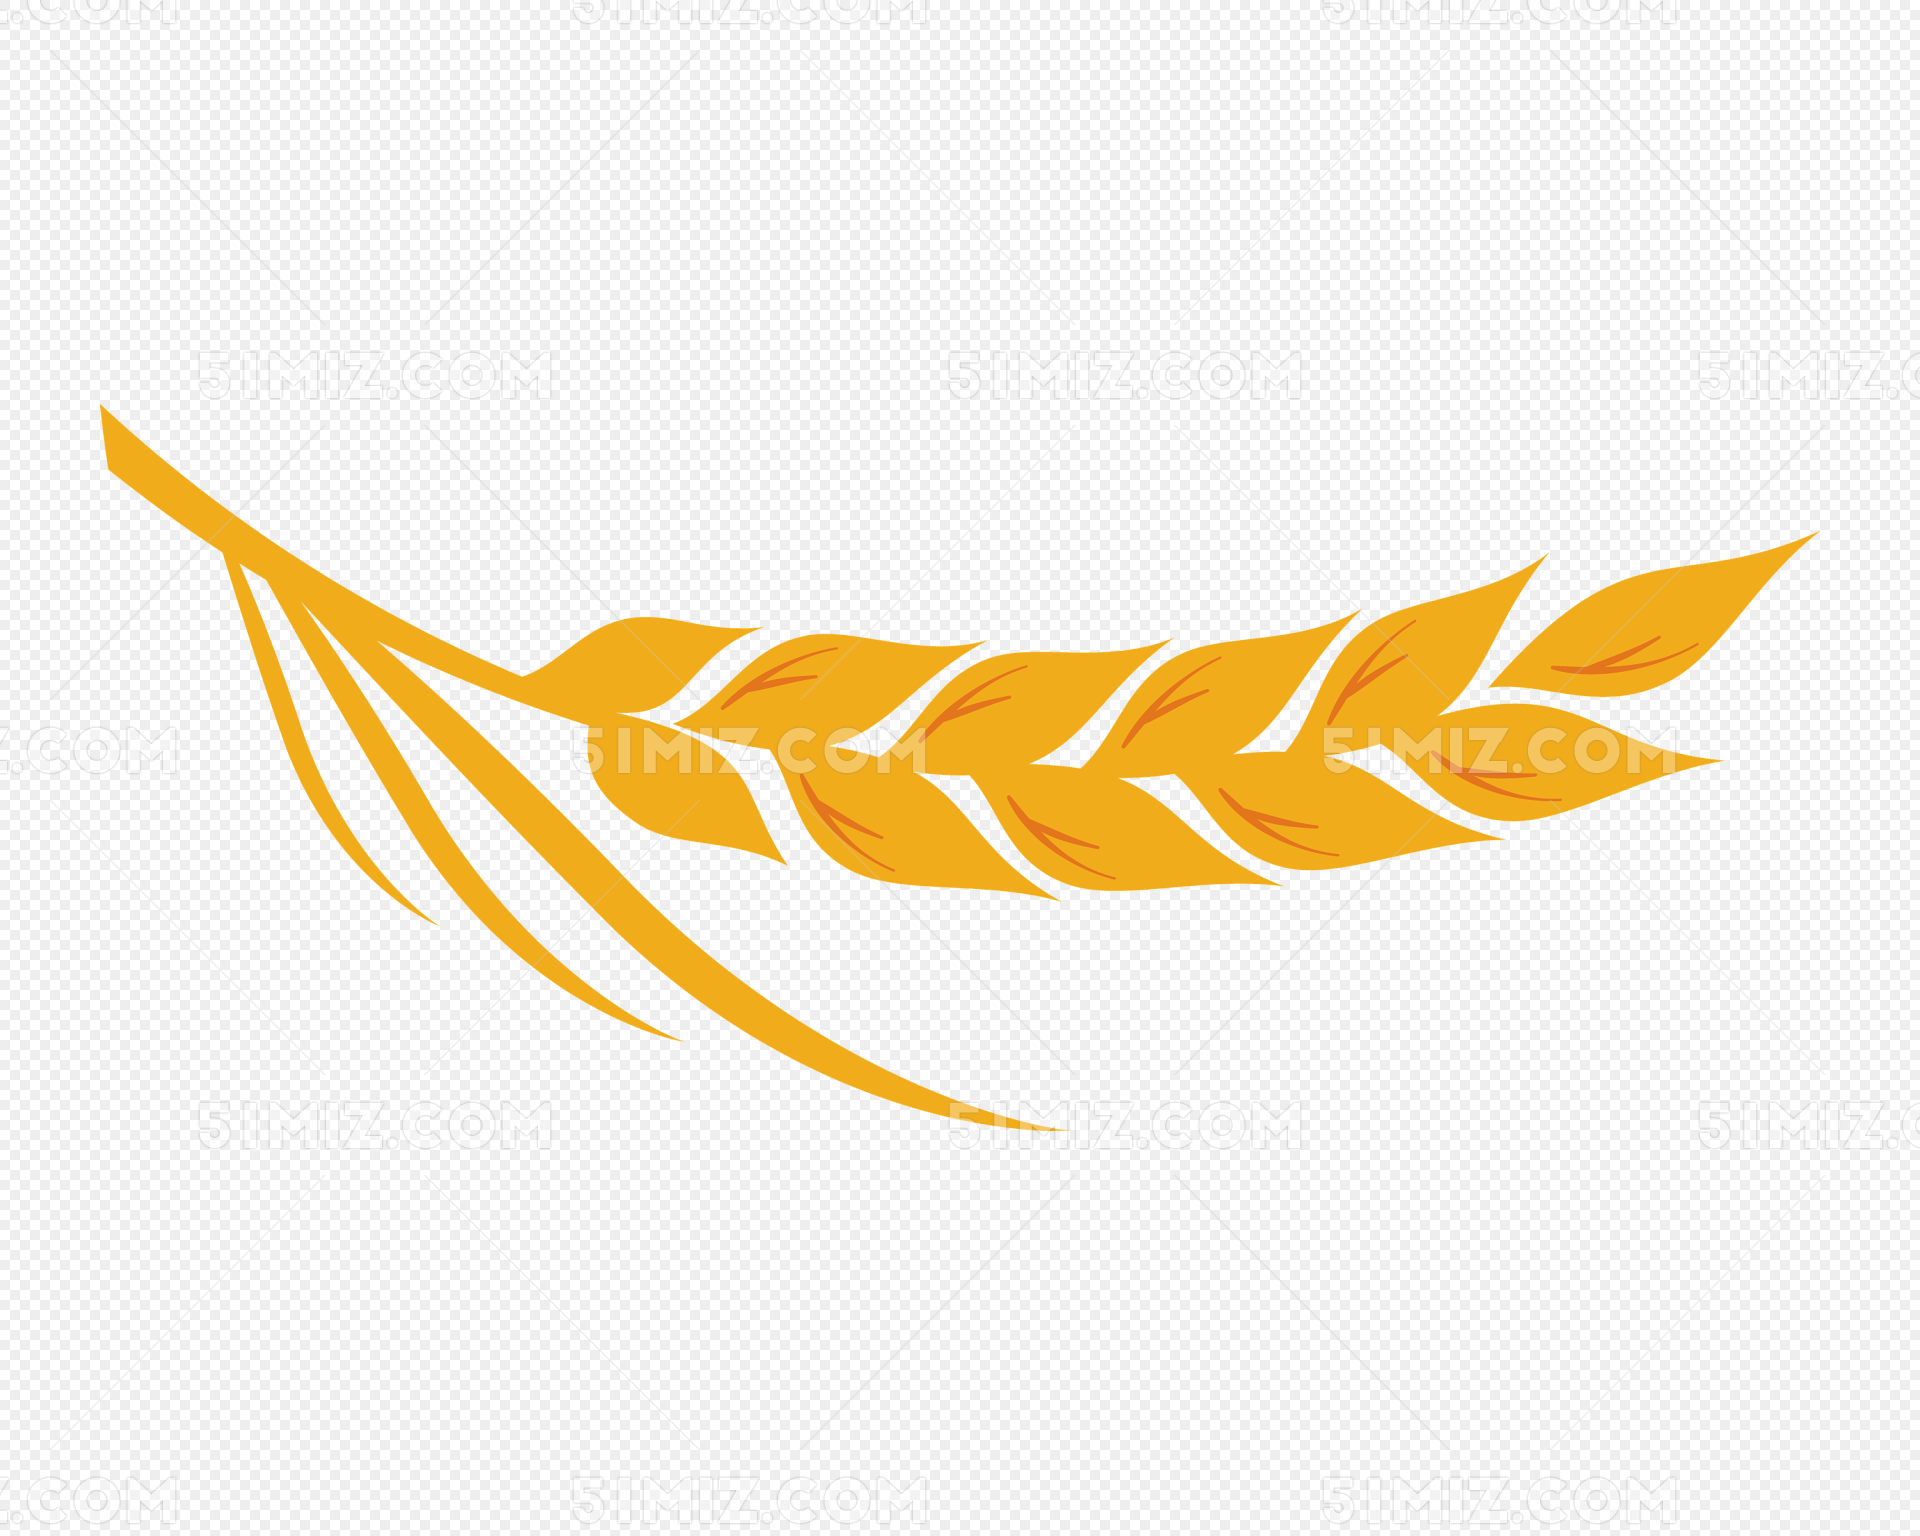 卡通金色麦穗农作物矢量图